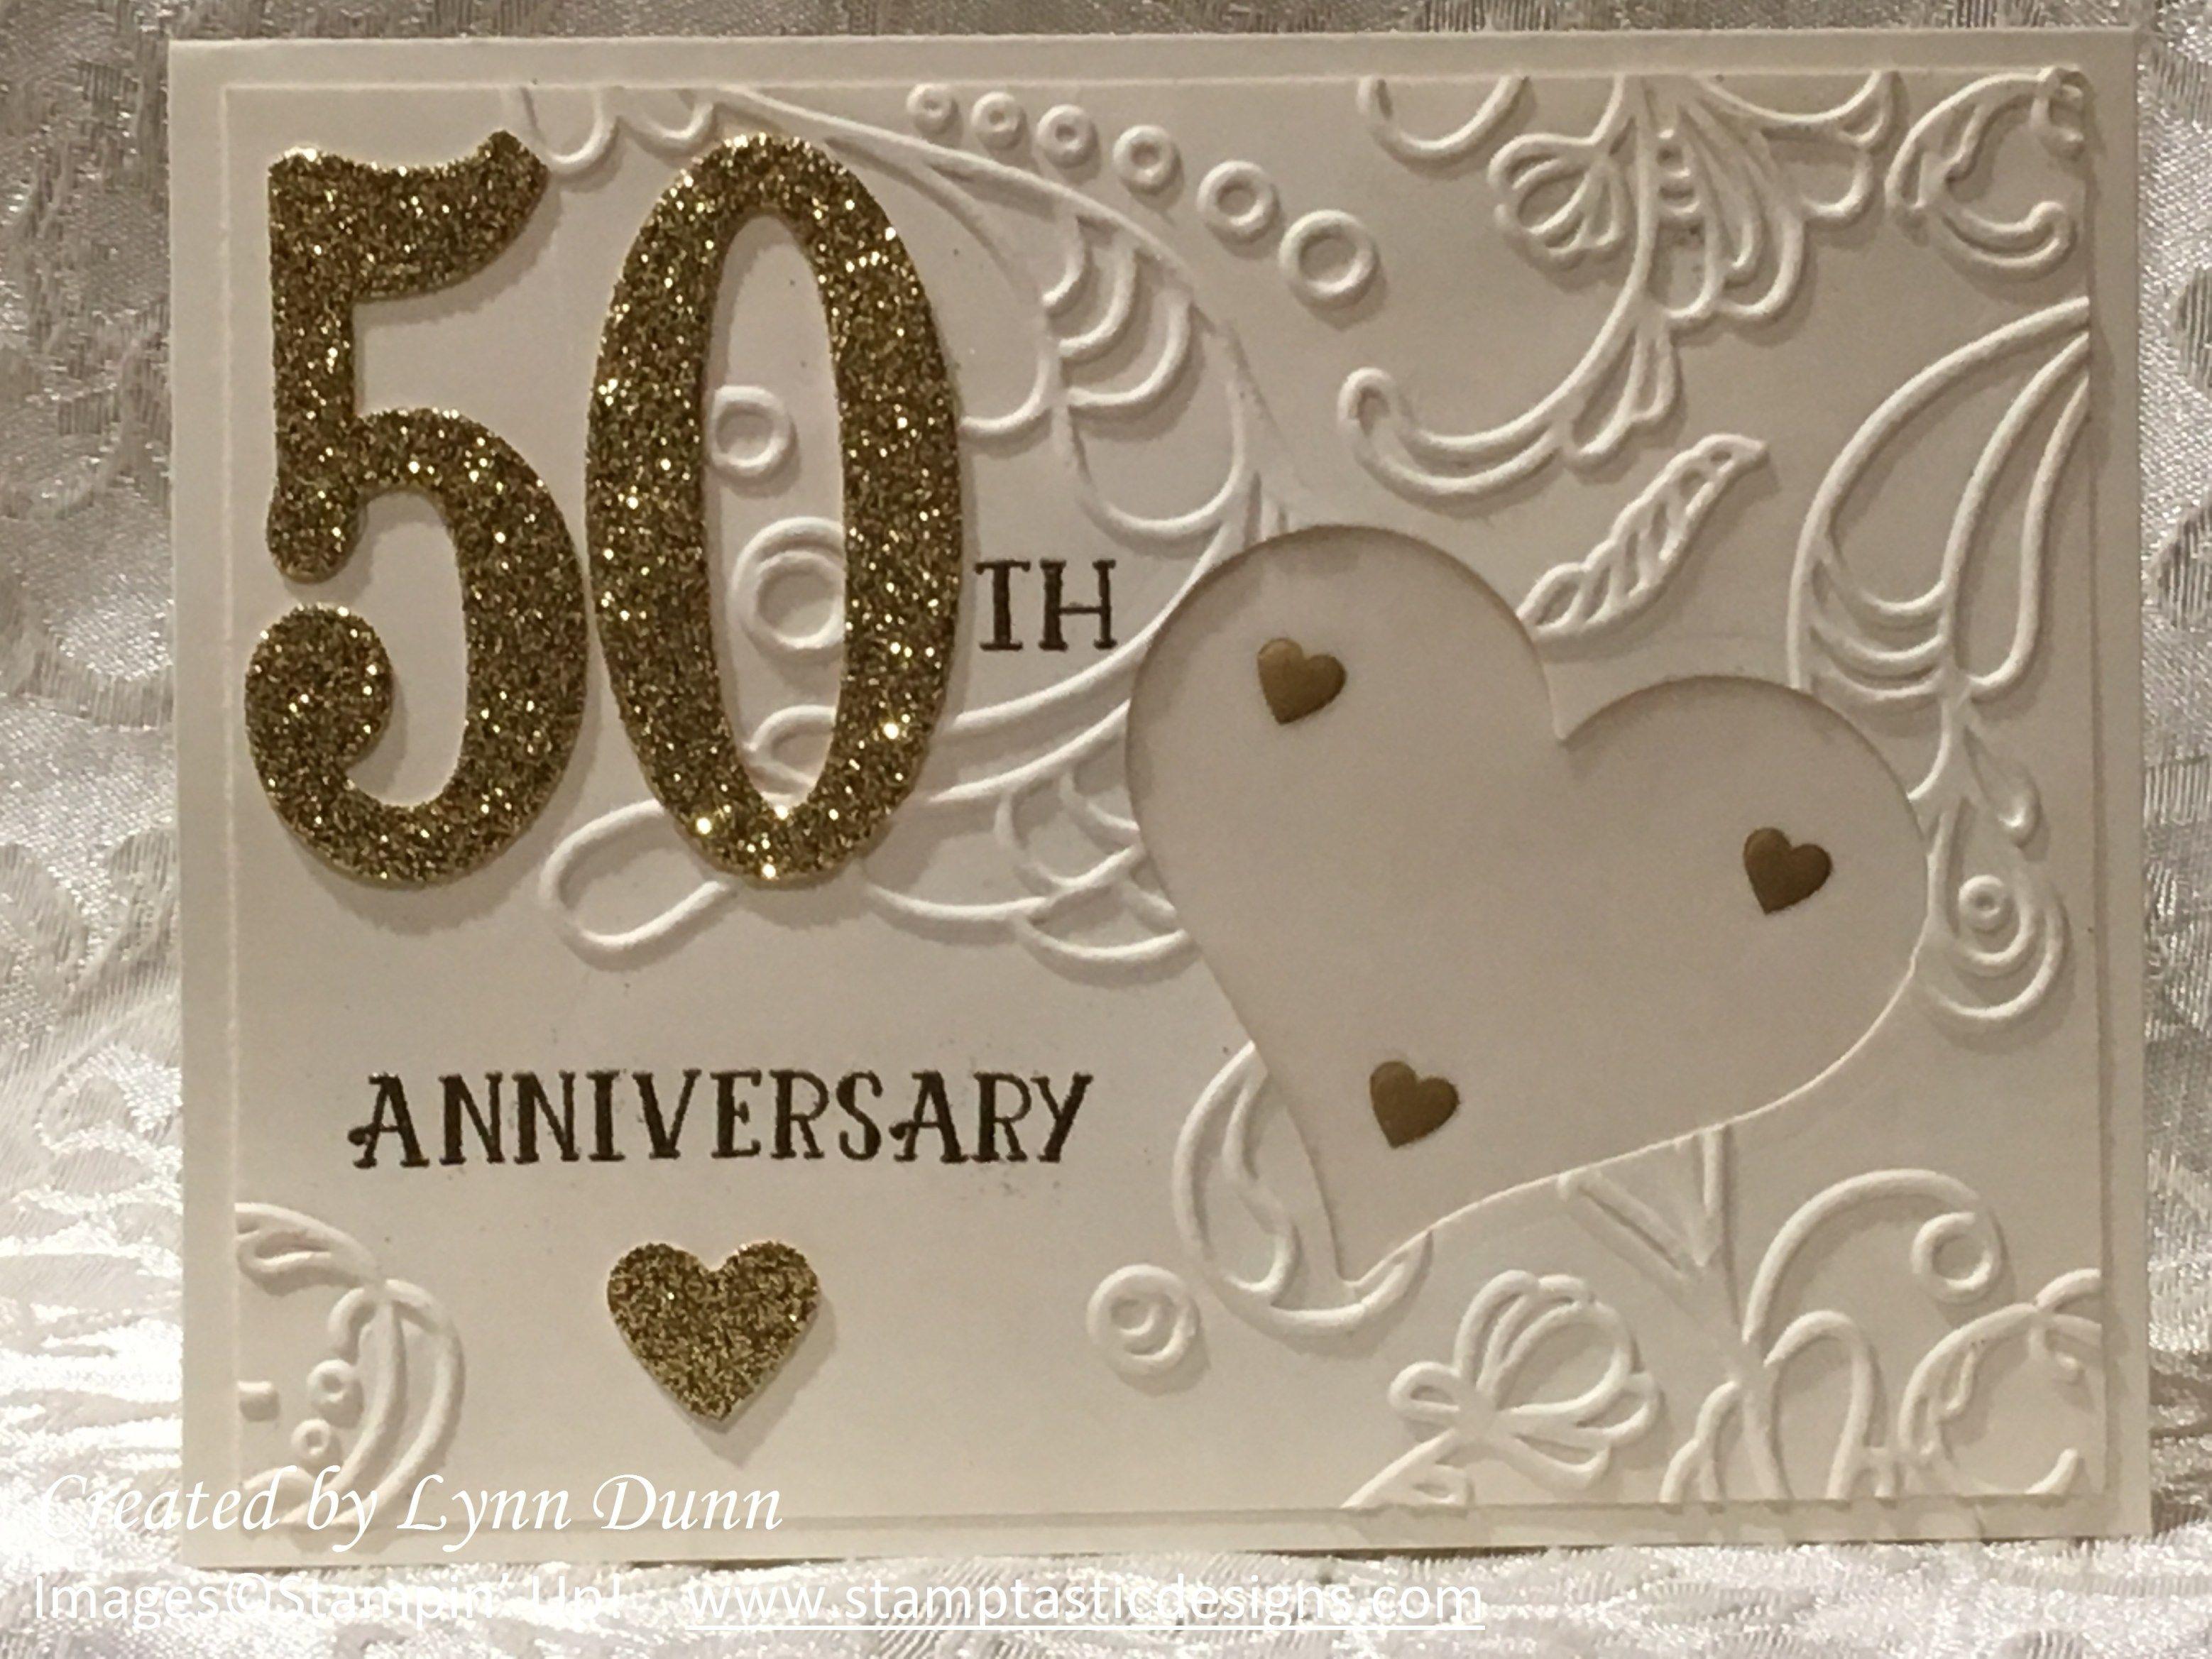 50th anniversary cards  lynn dunn  50th anniversary